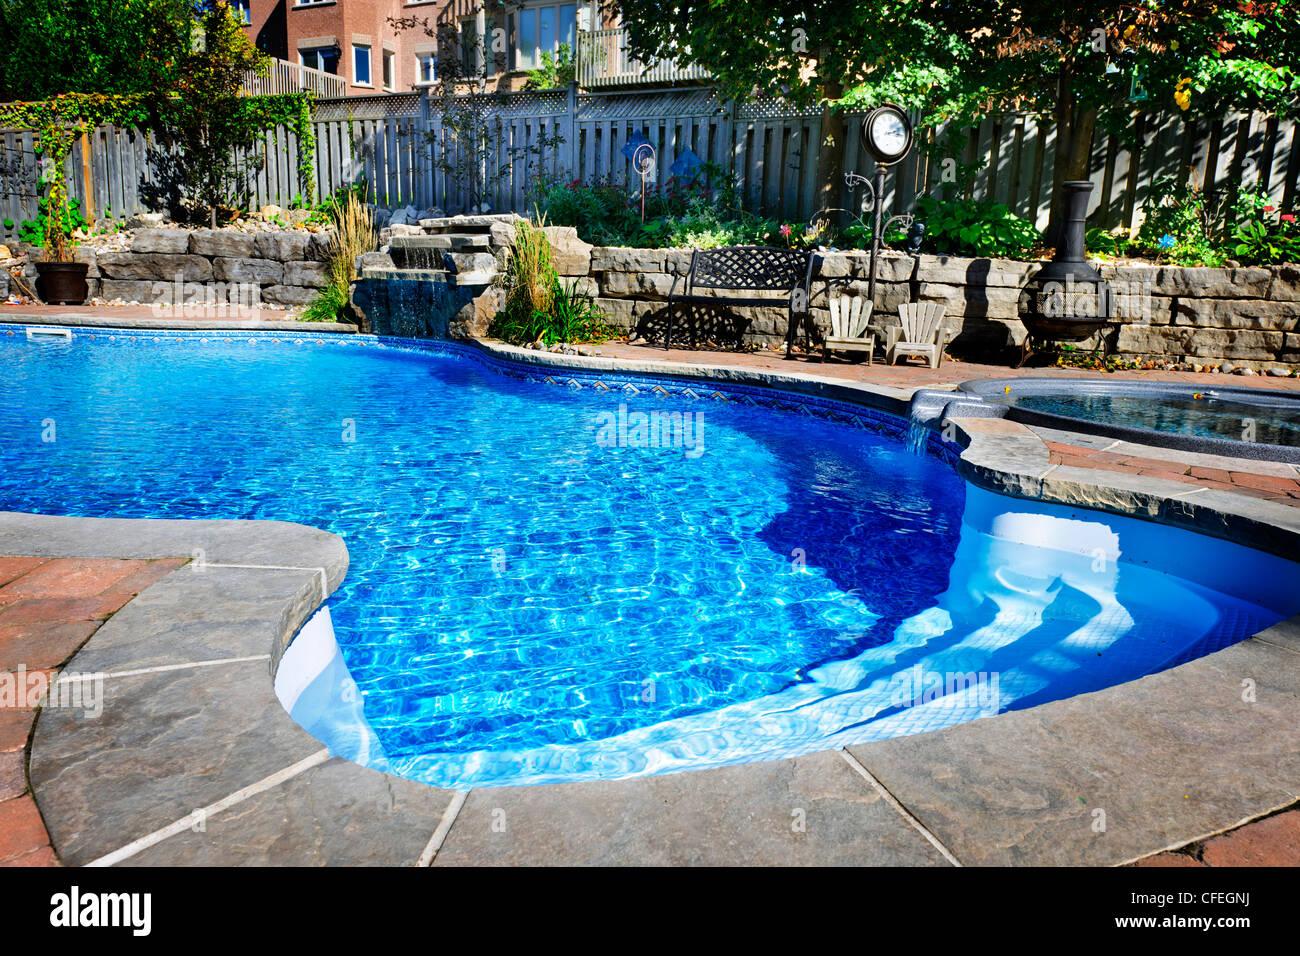 Inground Swimming Pool Stockfotos & Inground Swimming Pool ...